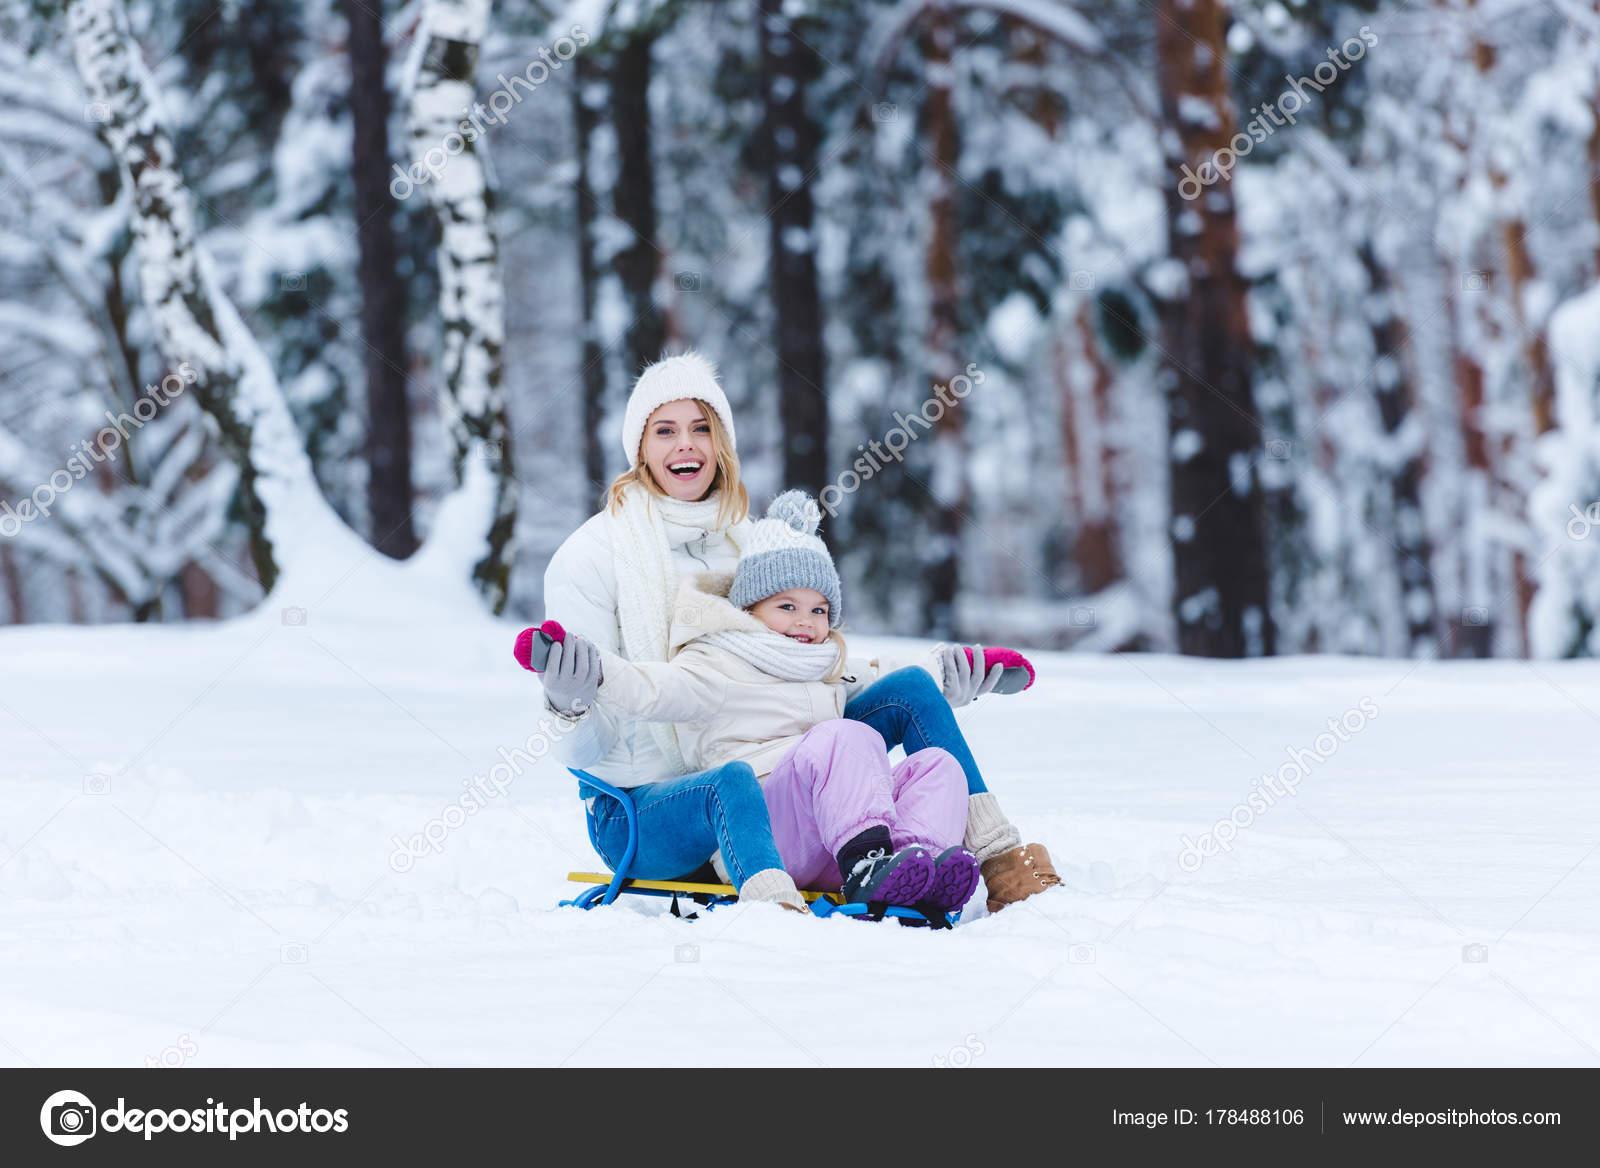 fille heureuse m re luge ensemble winter park photographie allaserebrina 178488106. Black Bedroom Furniture Sets. Home Design Ideas